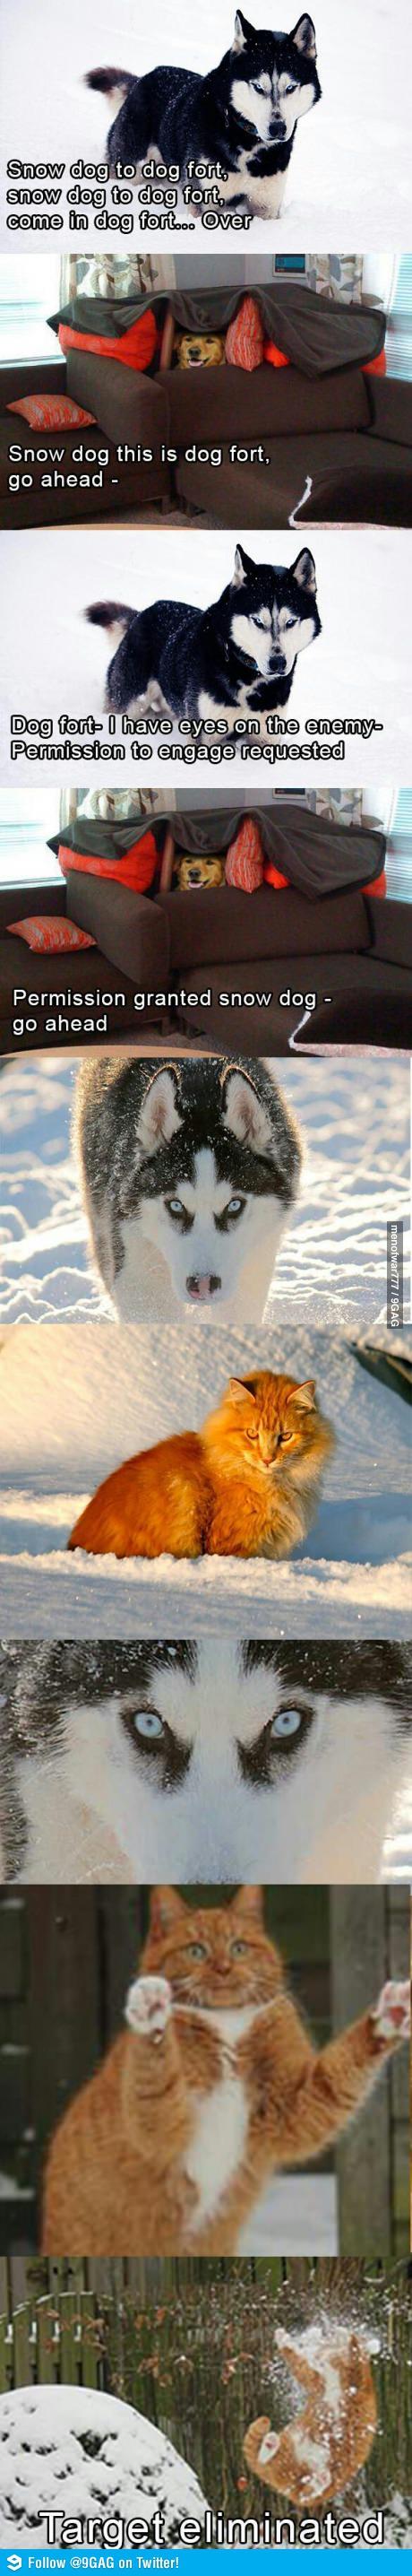 Смешная картинка с собакой